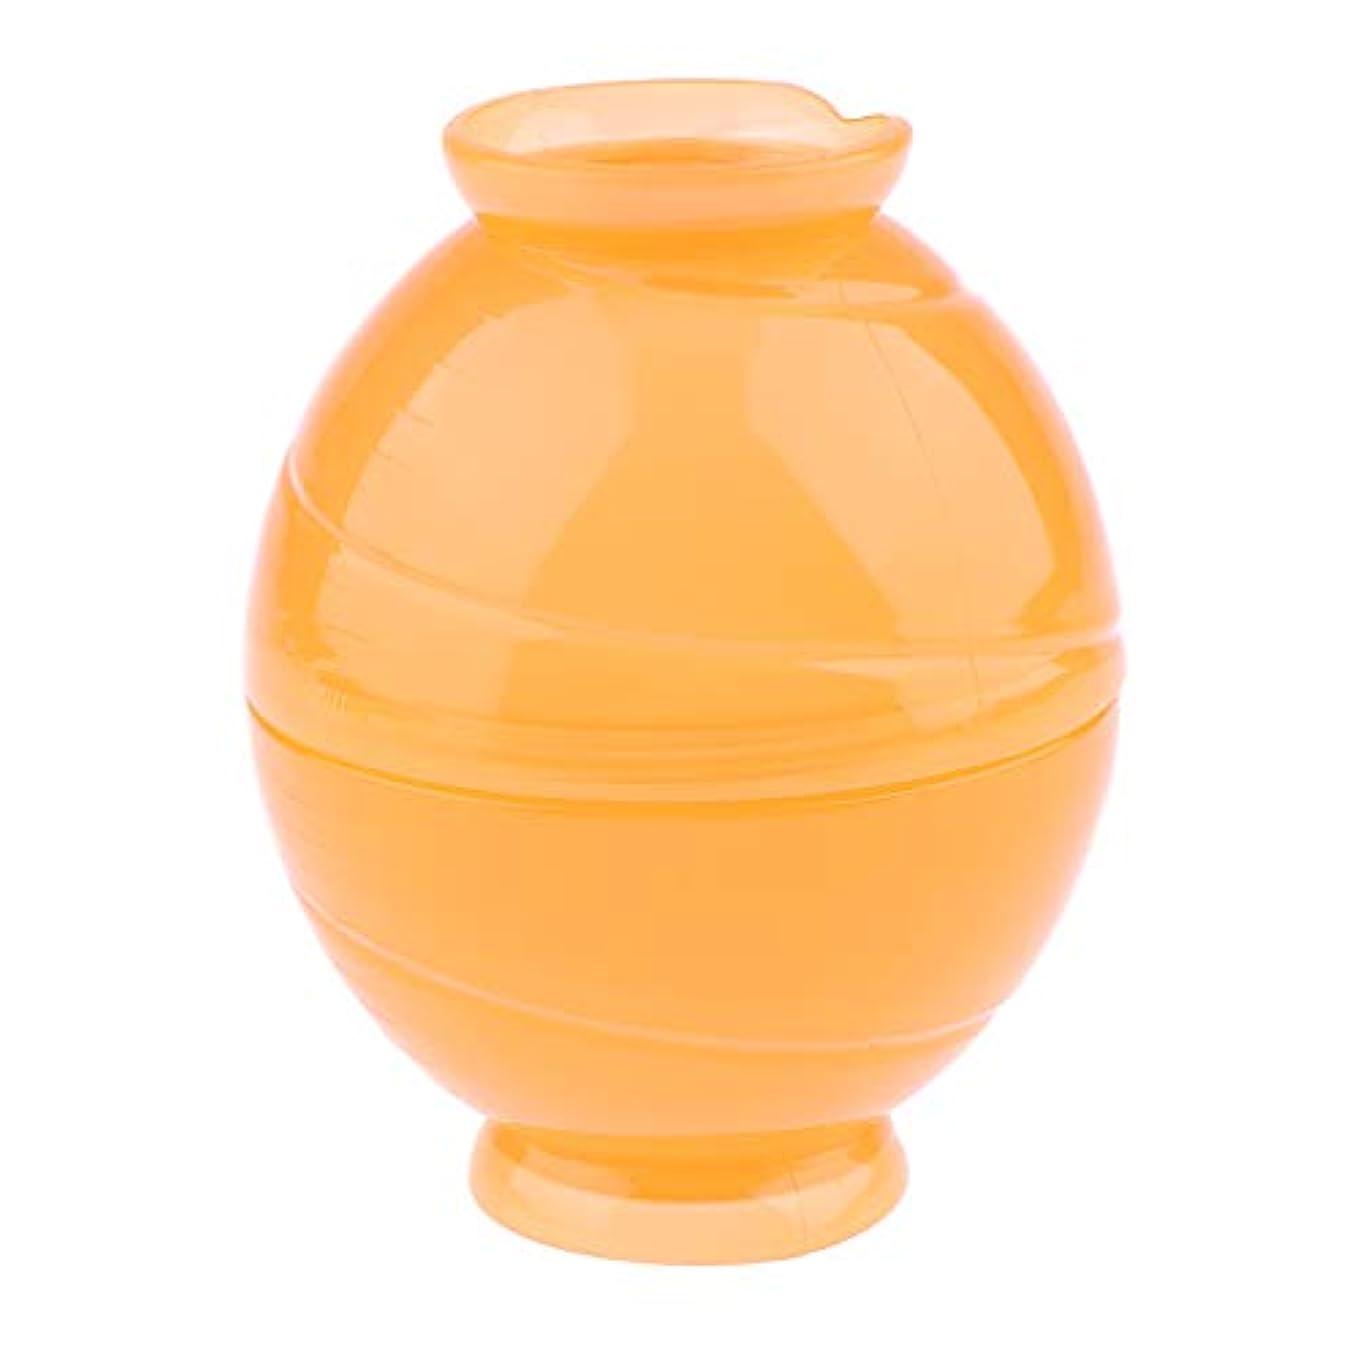 間違いなく不倫かかわらず全3色 サロンボウル ヘアカラー用 ミキシングボトル キャンディー形状 - オレンジ